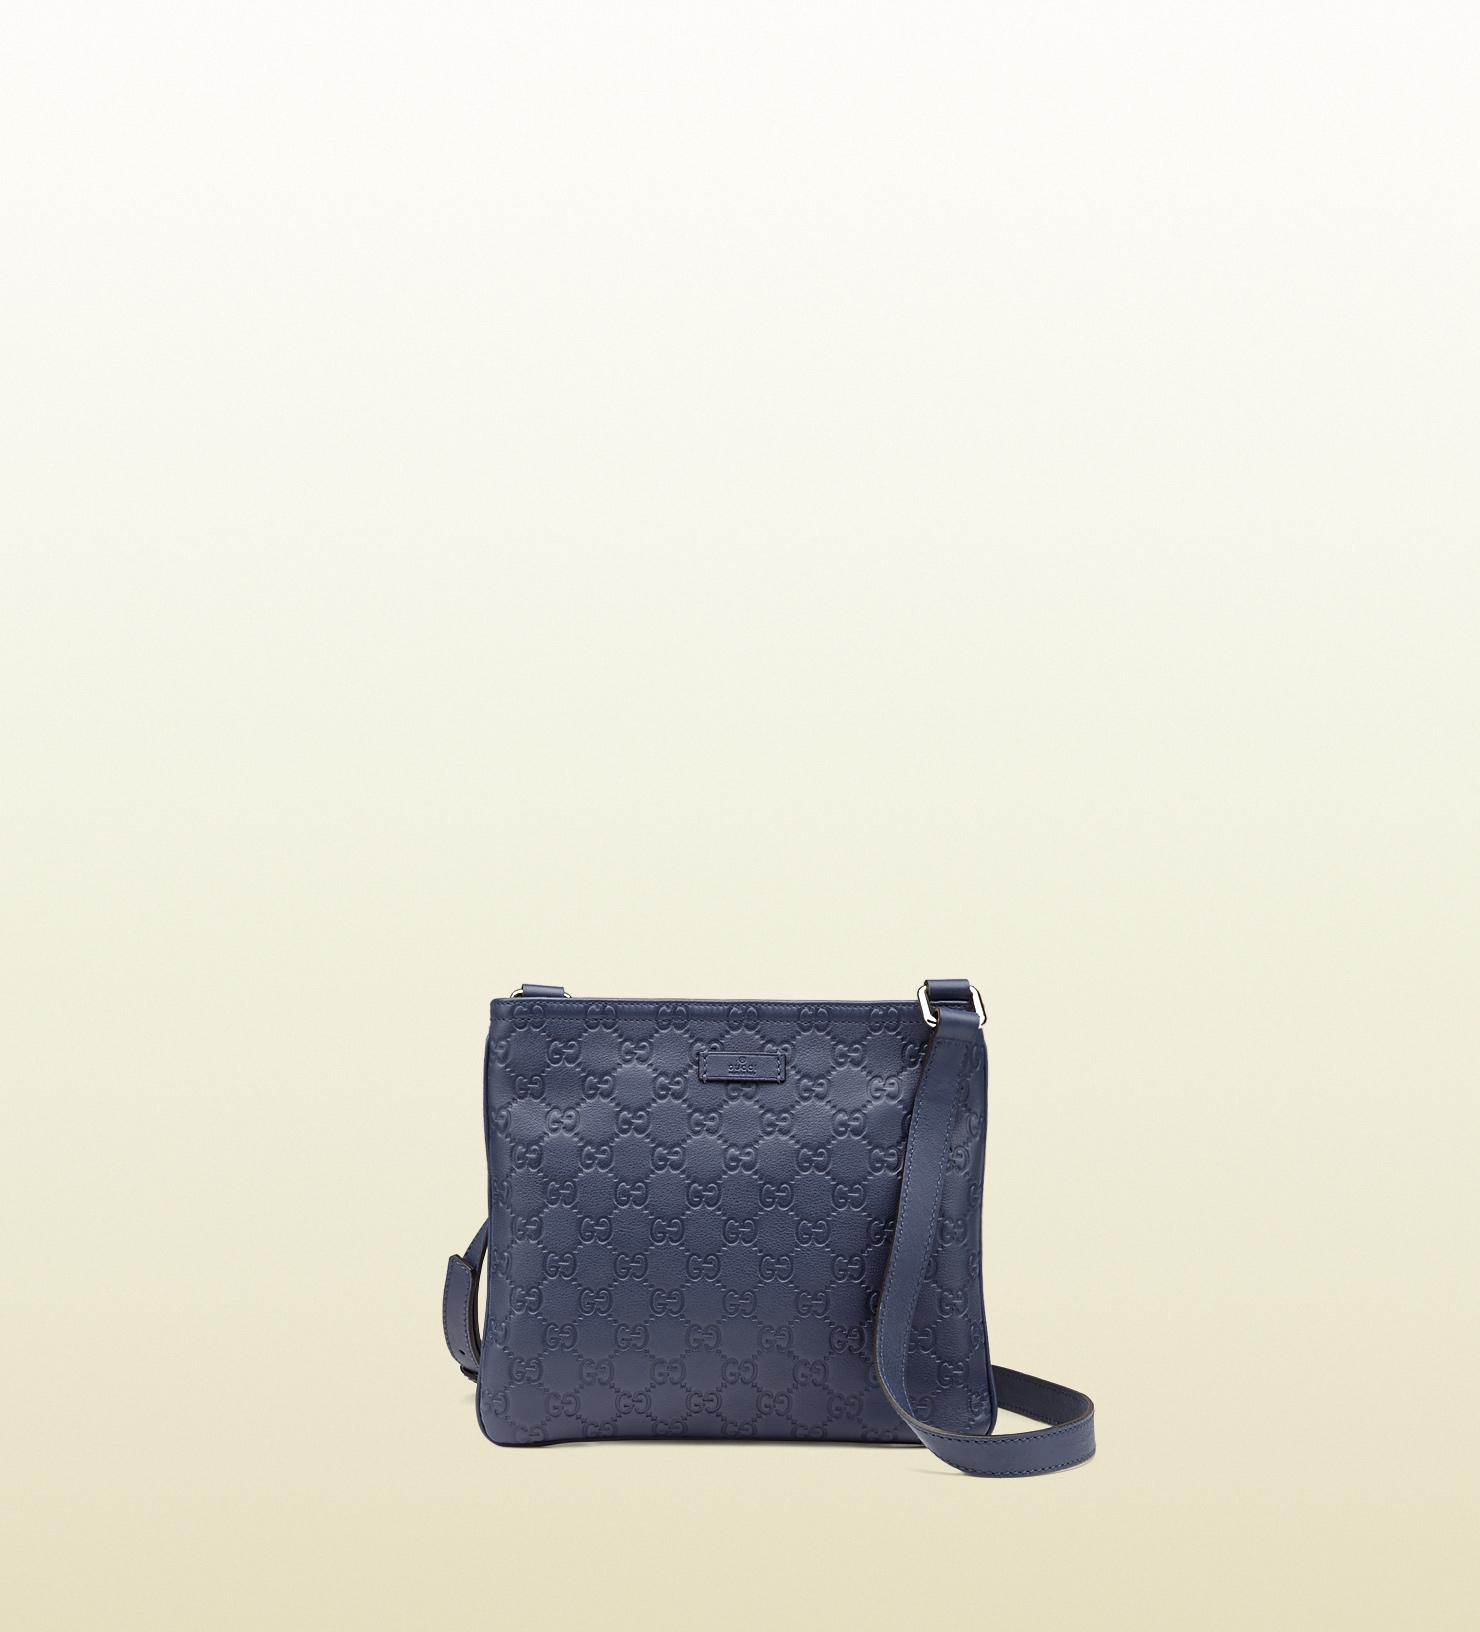 750df31e1bd Gucci Crossbody Bag For Men - Ontario Active School Travel